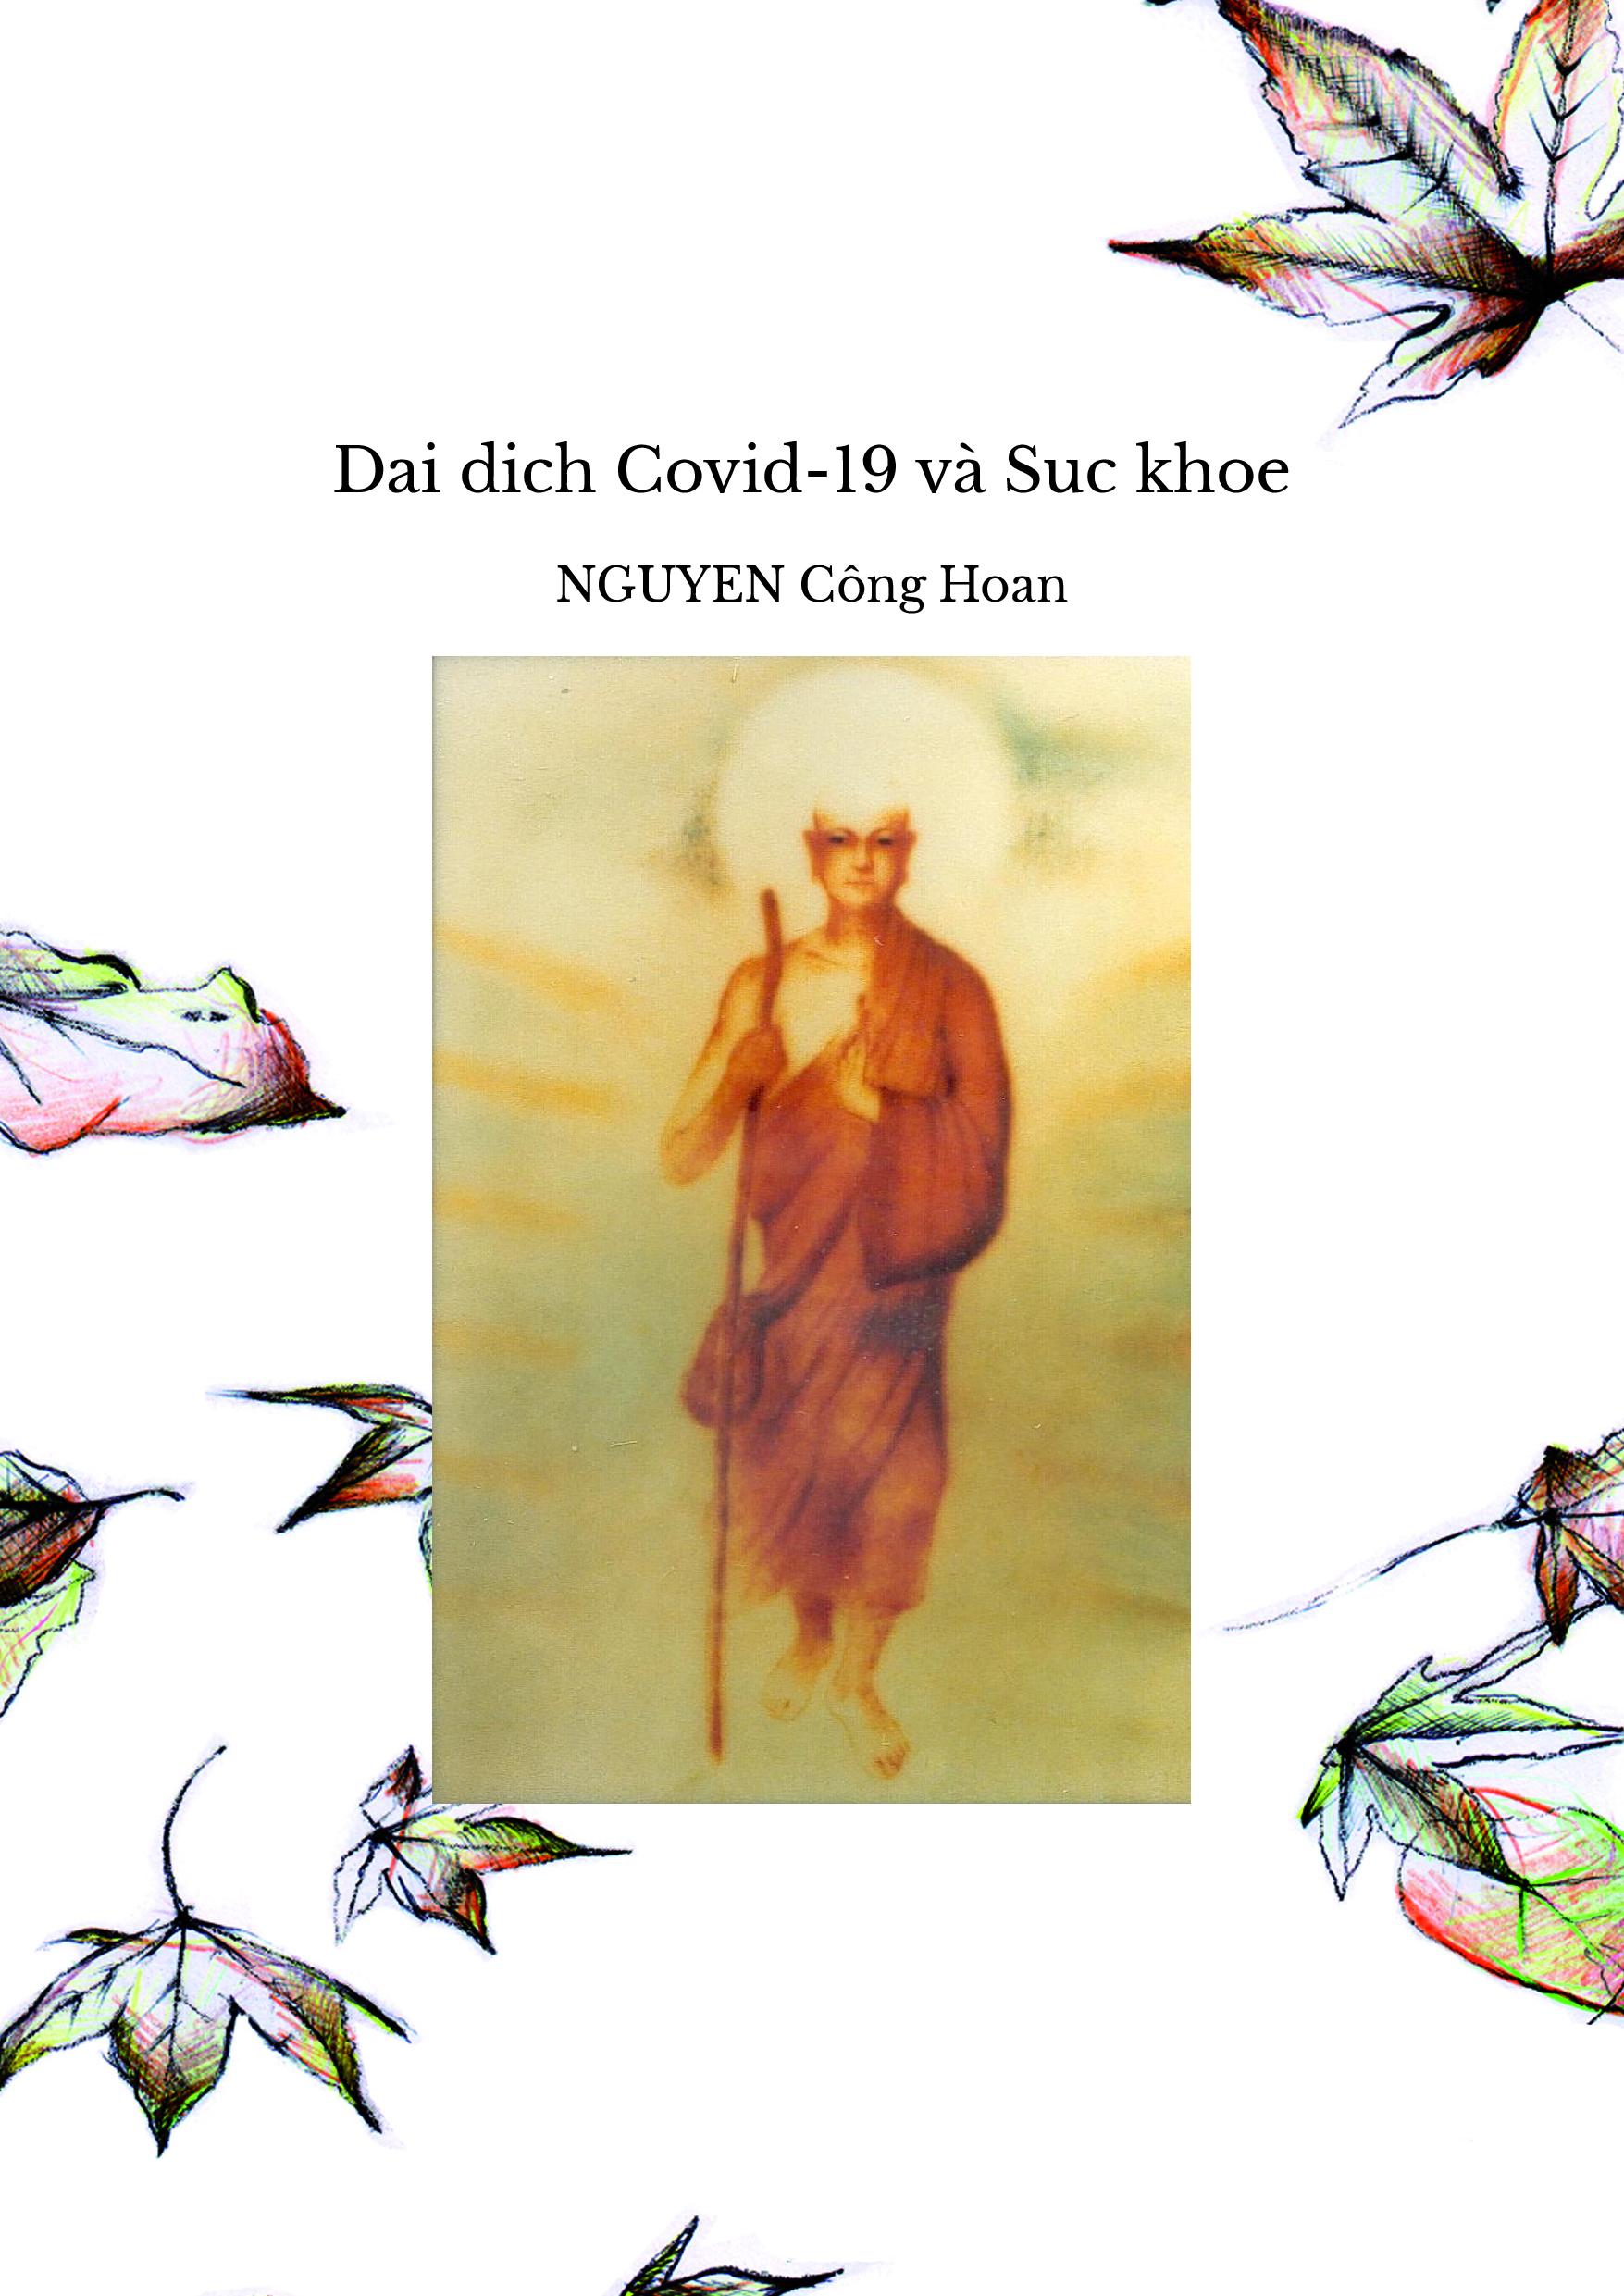 Dai dich Covid-19 và Suc khoe